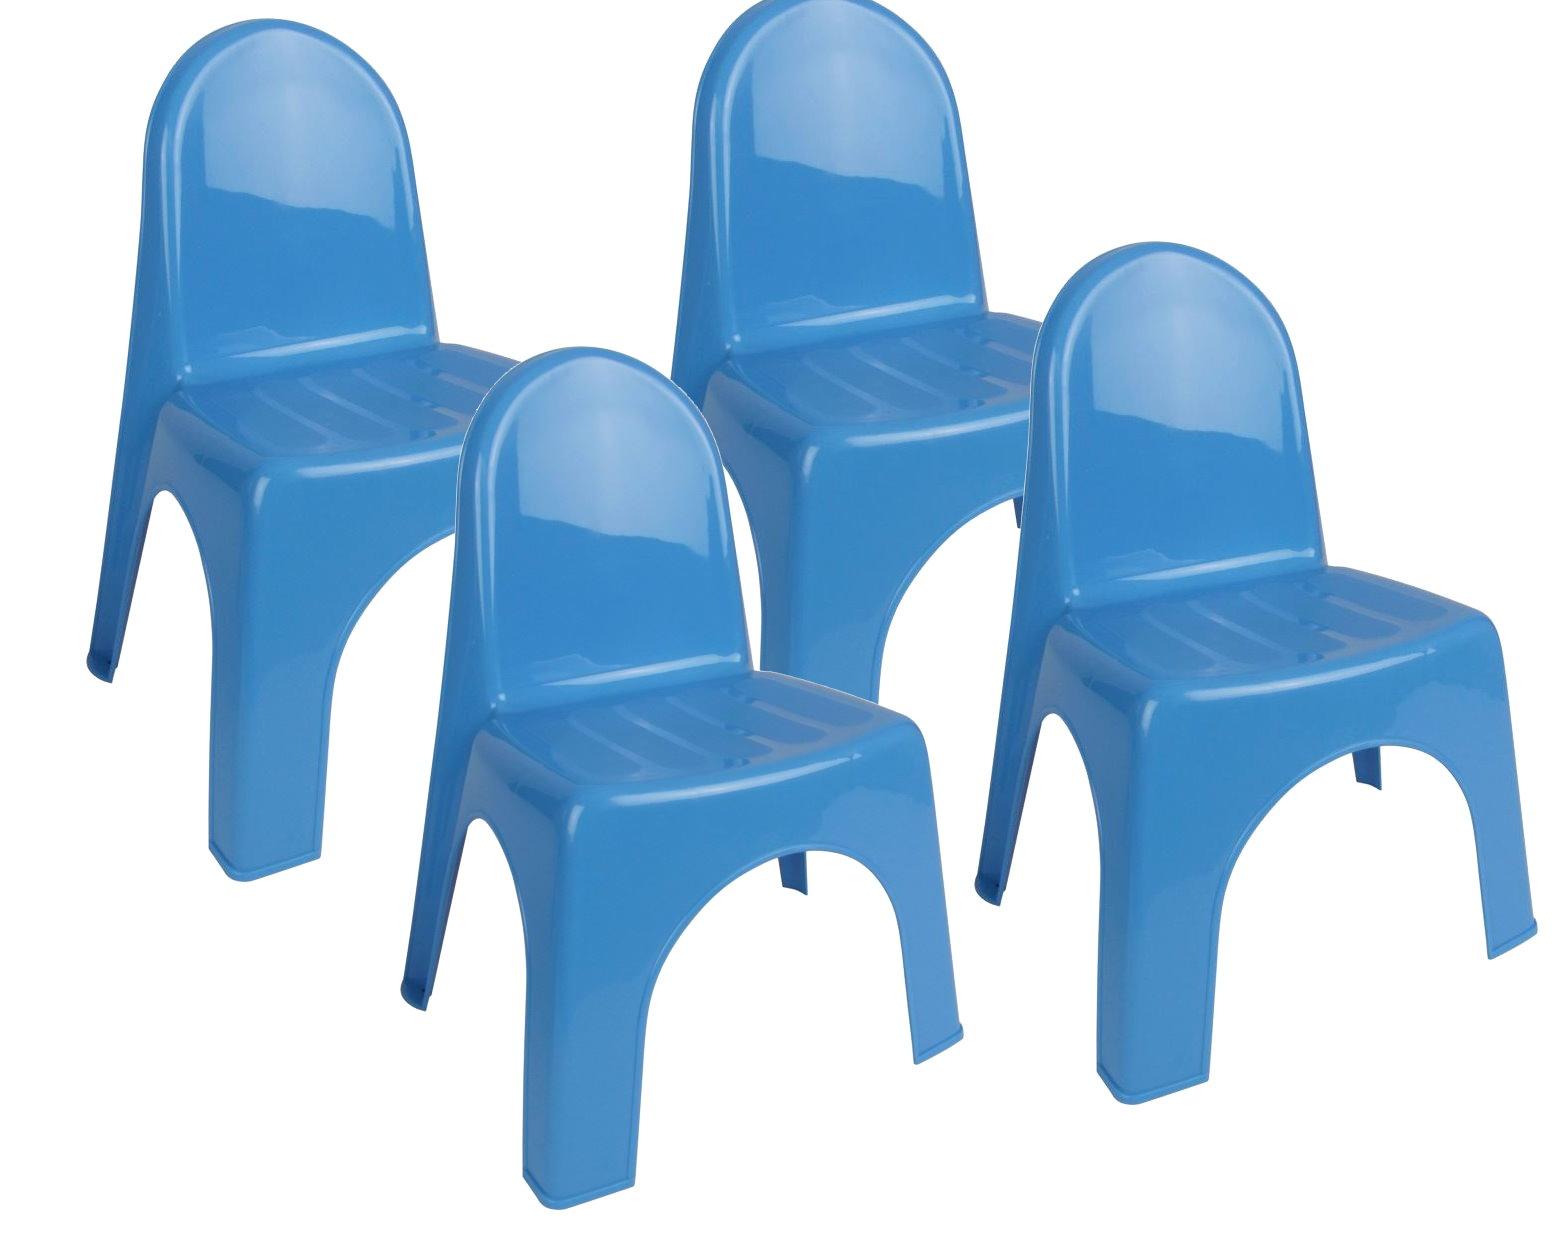 4x kinderstuhl garten kunststoff stuhl stapelstuhl kinder m bel kinderzimmer garten m bel. Black Bedroom Furniture Sets. Home Design Ideas